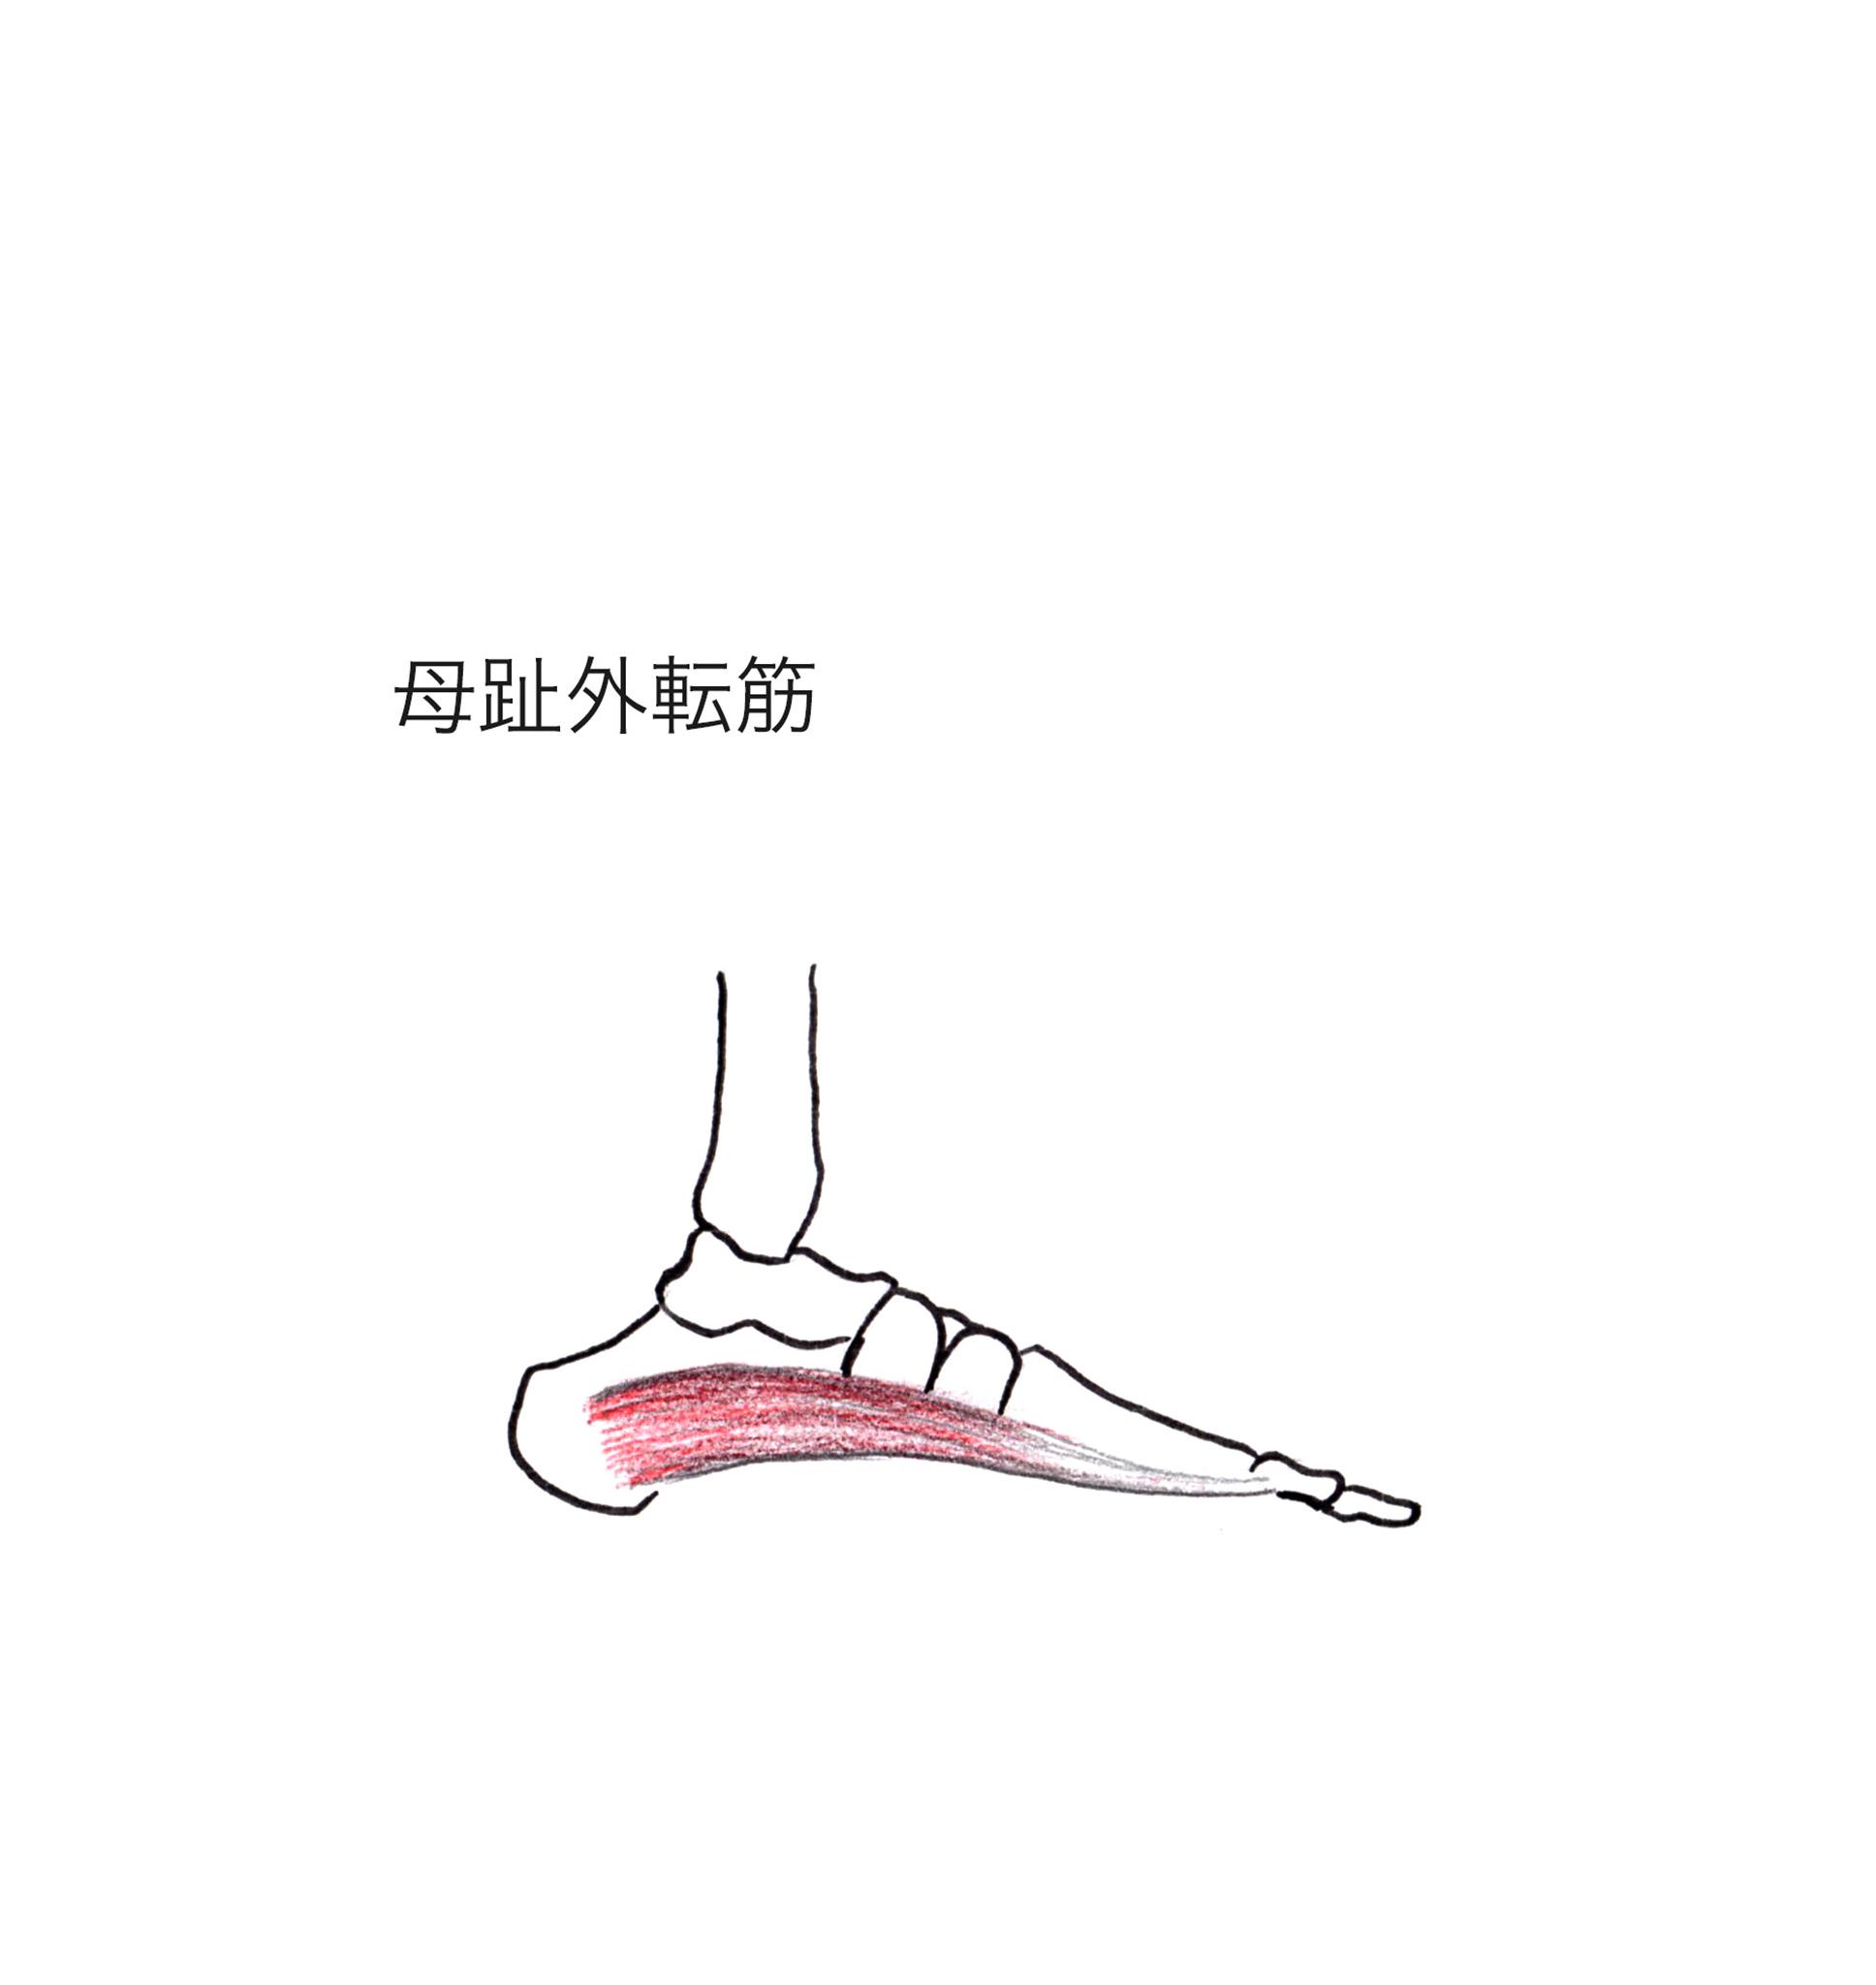 【土踏まずのアーチを保ち、走る推進力を向上させる筋肉】母趾外転筋の特徴と作用